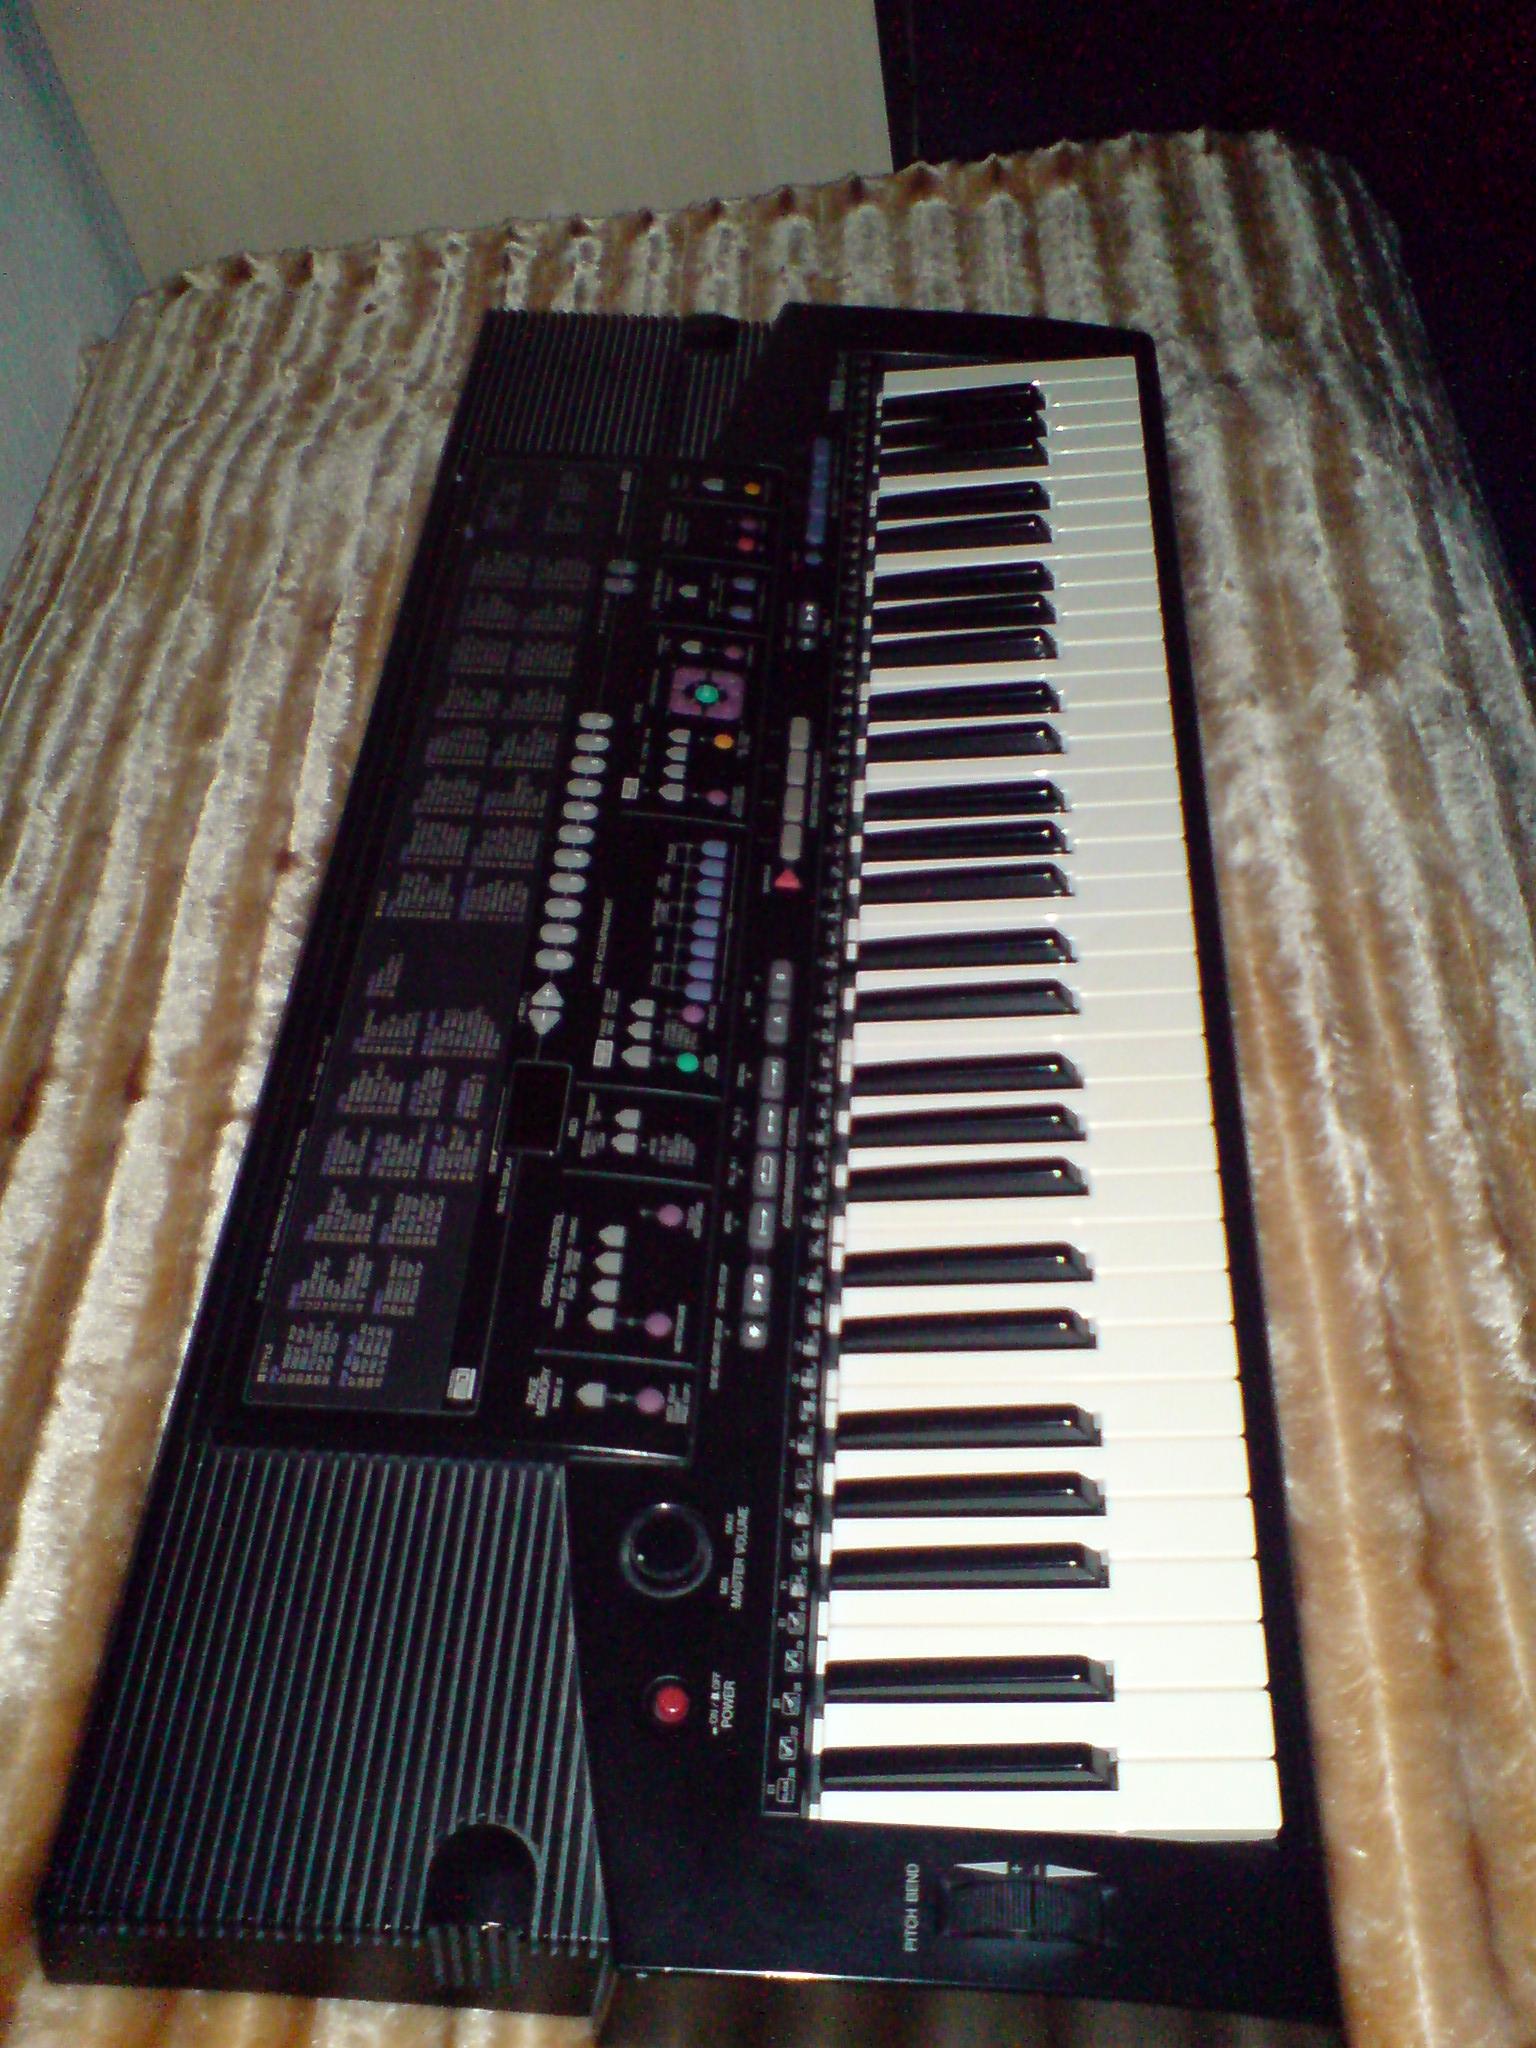 Musik und instrumente kleinanzeigen in kassel for Yamaha psr 410 keyboard